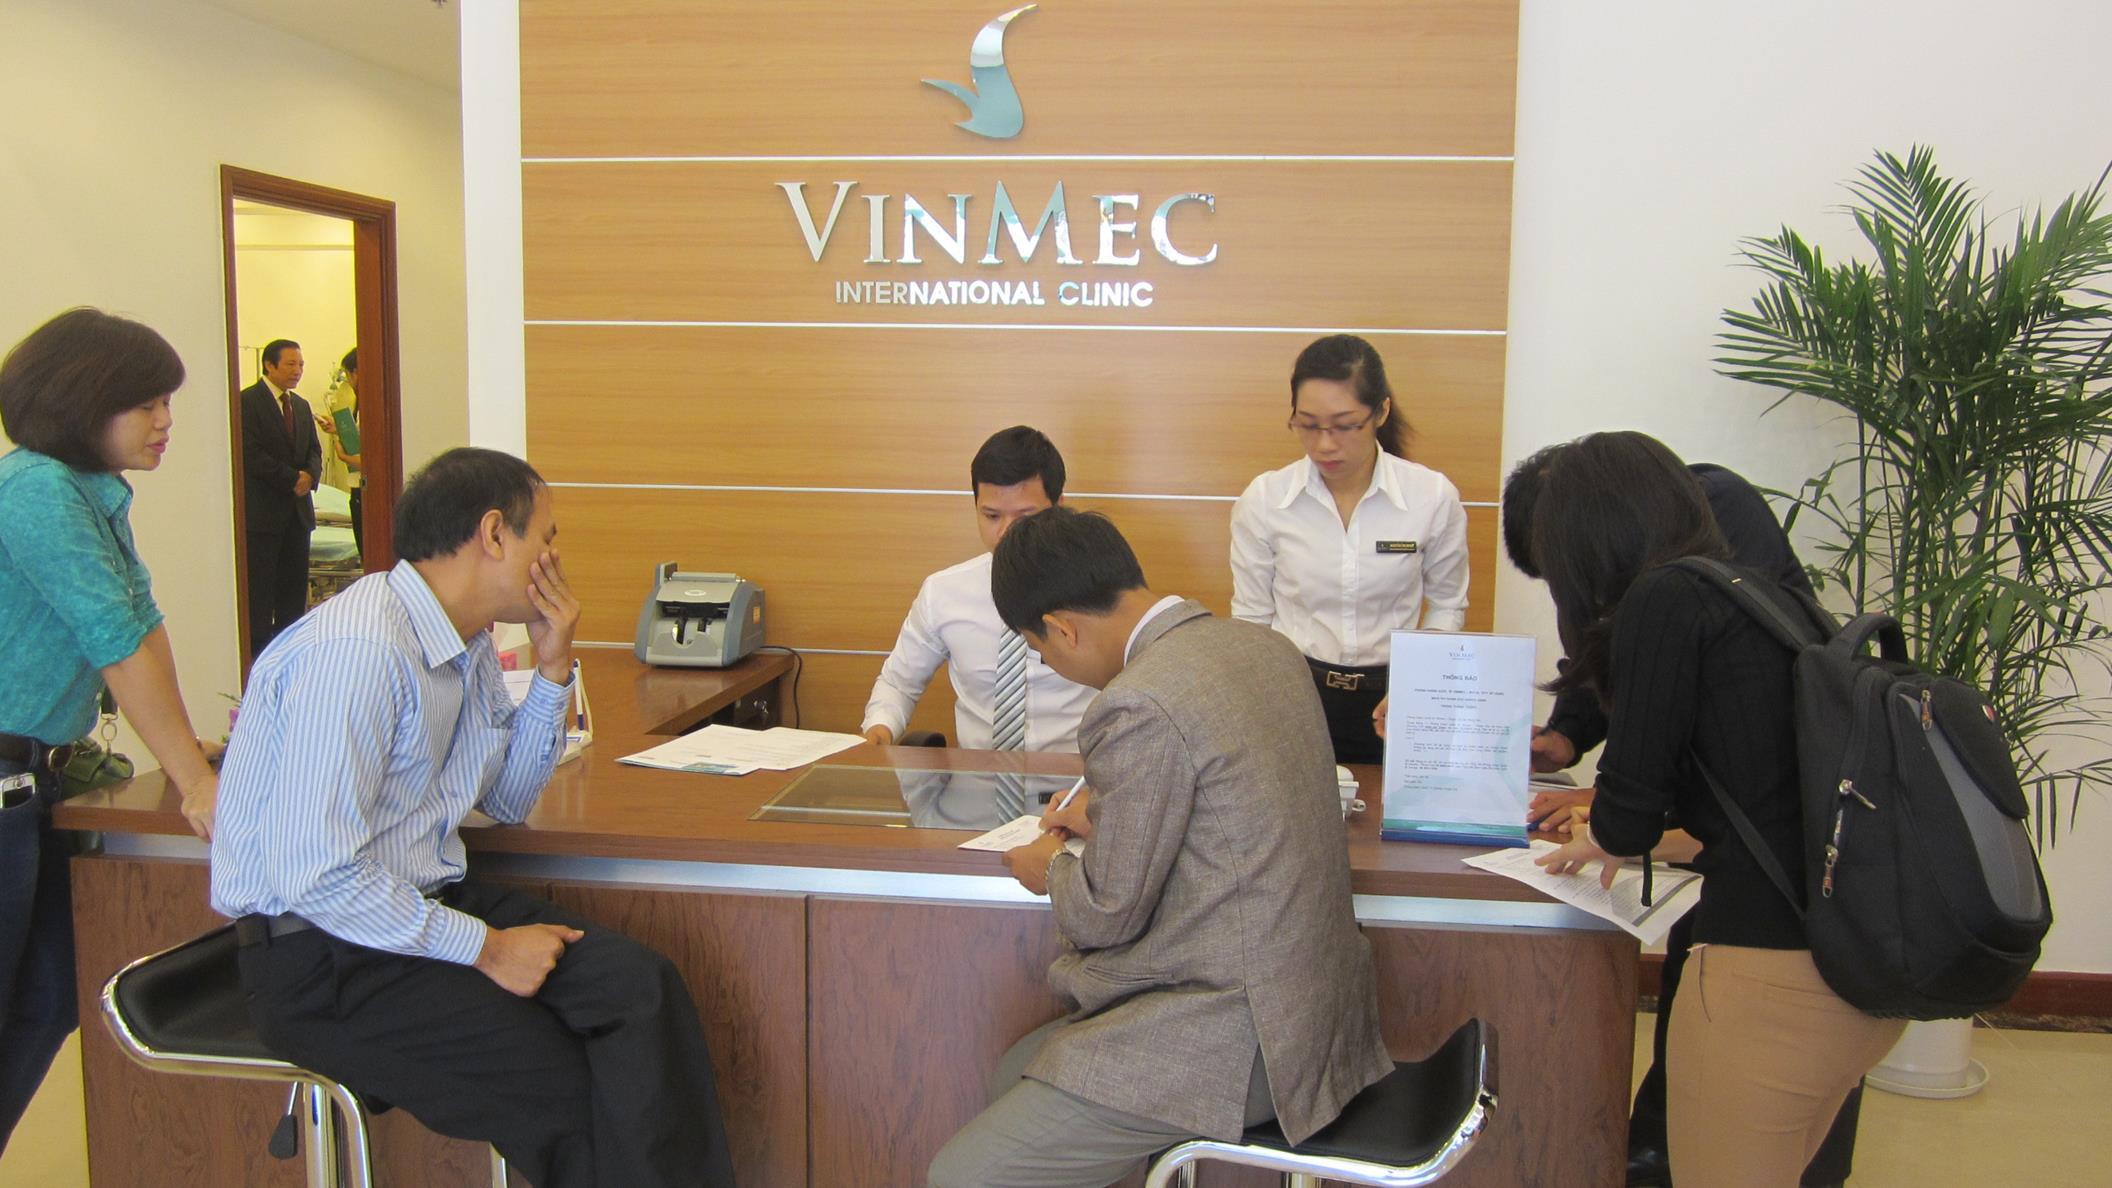 Khai trương phòng khám Quốc tế Vinmec - Royal City 5